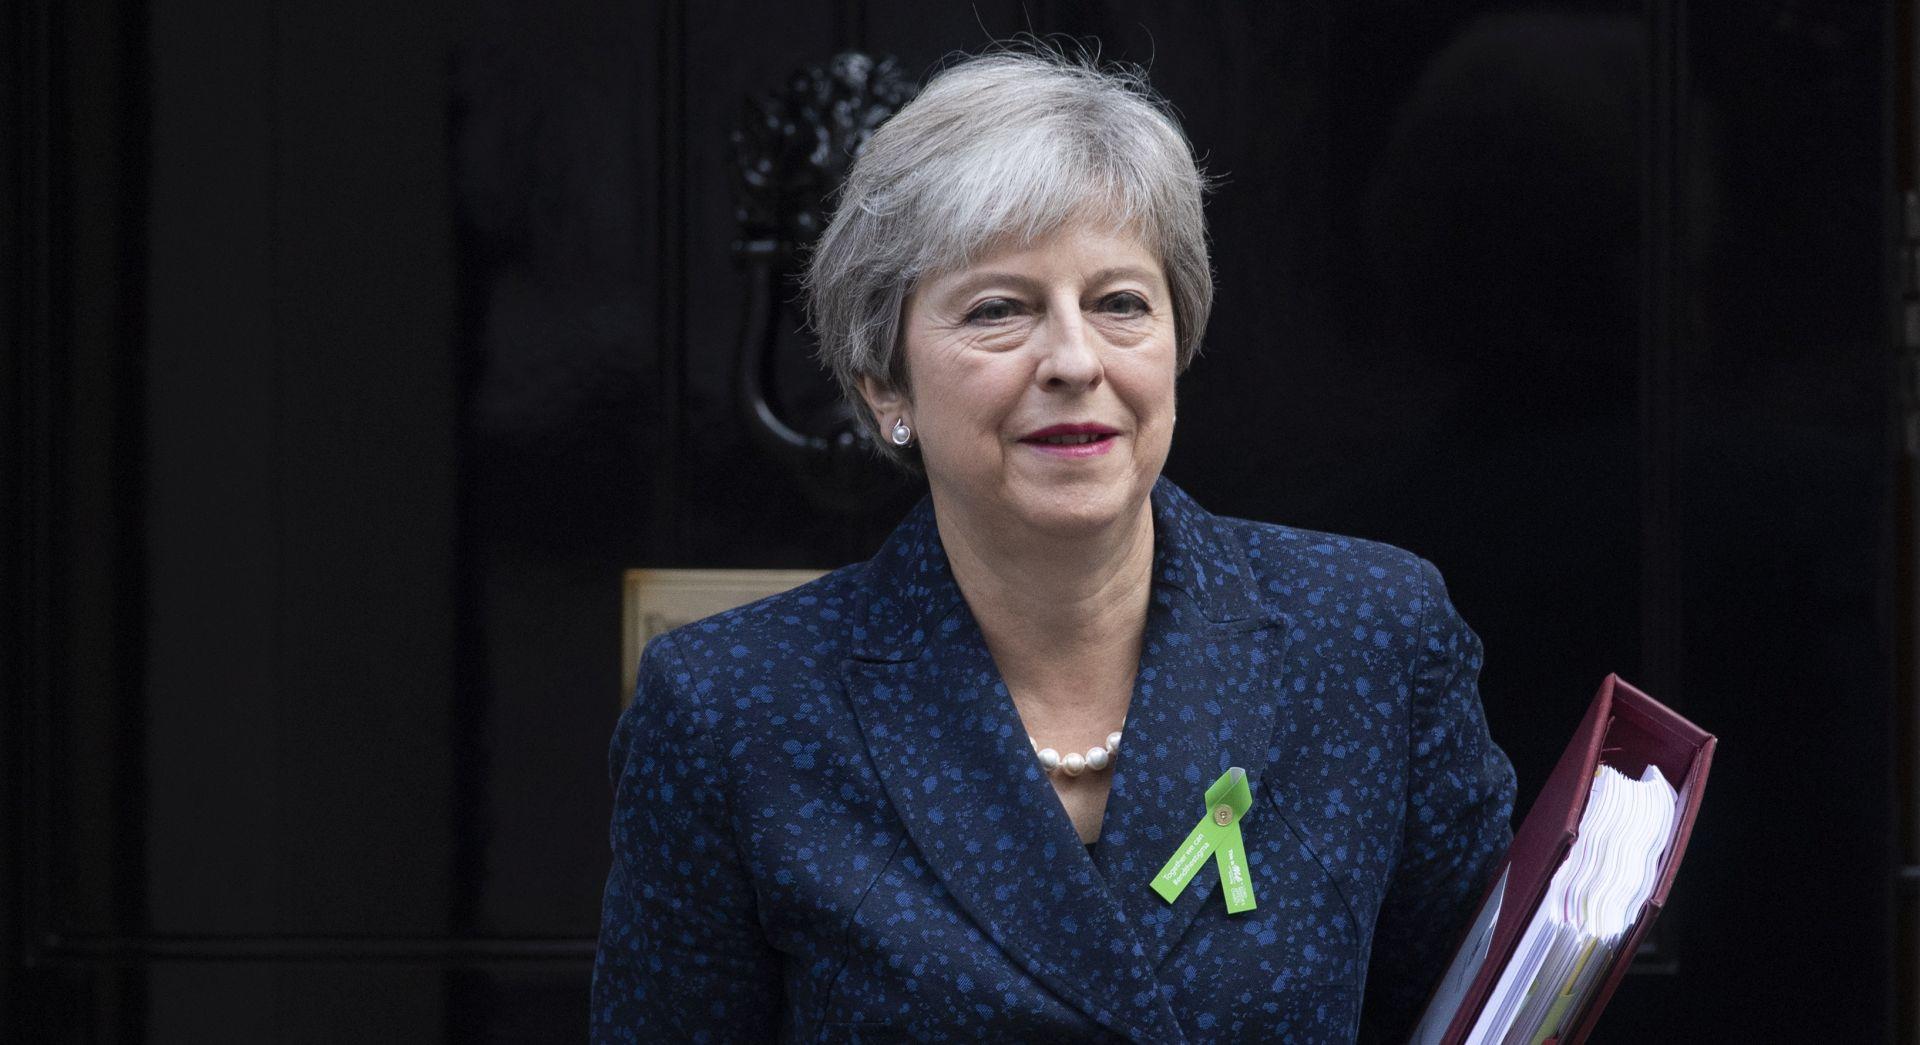 EU ubrzava pripreme za razlaz s Londonom bez dogovora